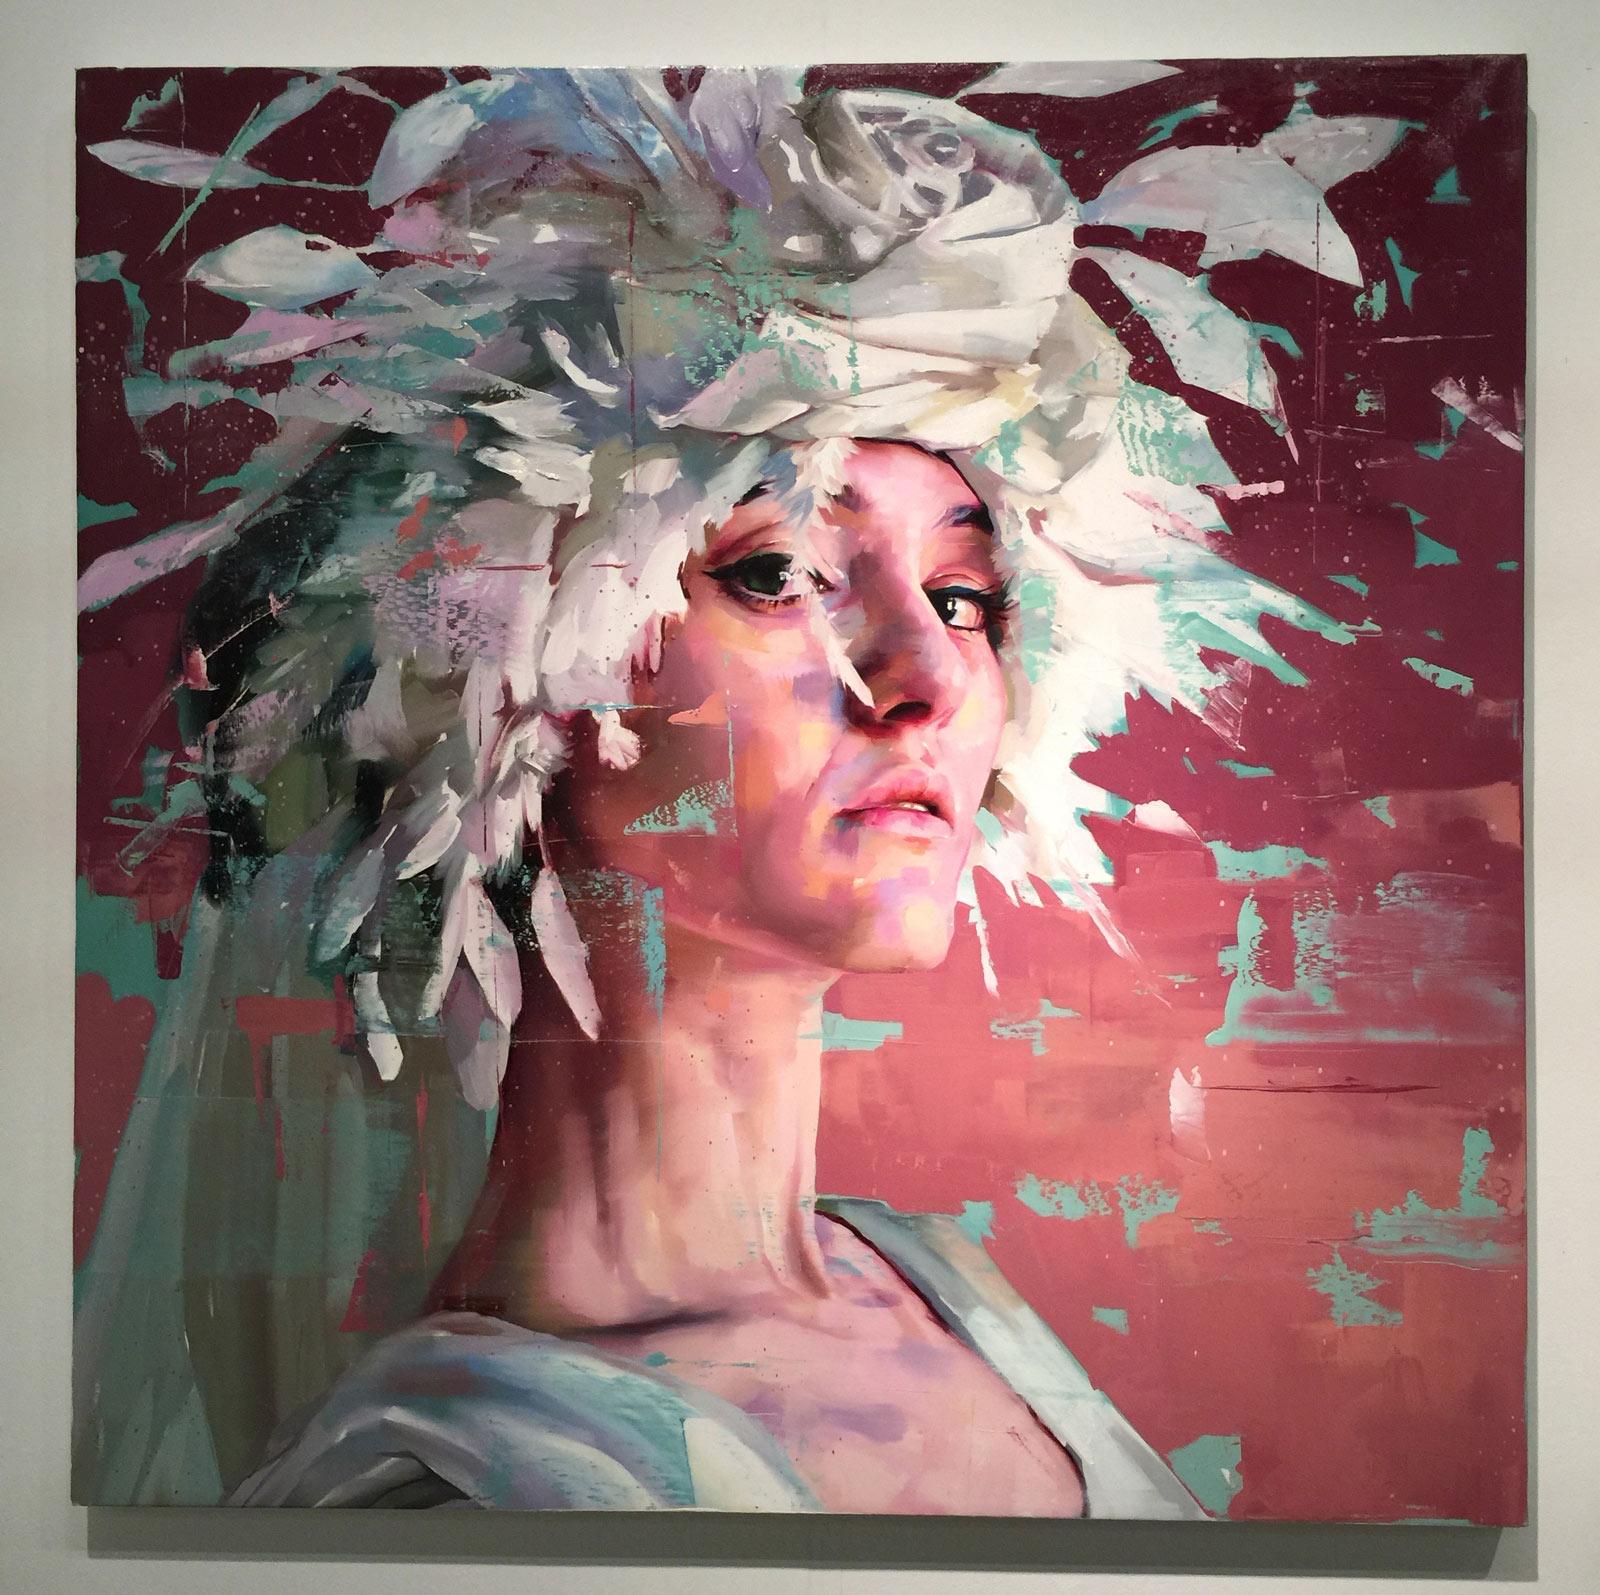 Silvio-Porzionato-White-series-Oil-canvas-Liquid-Art.jpg